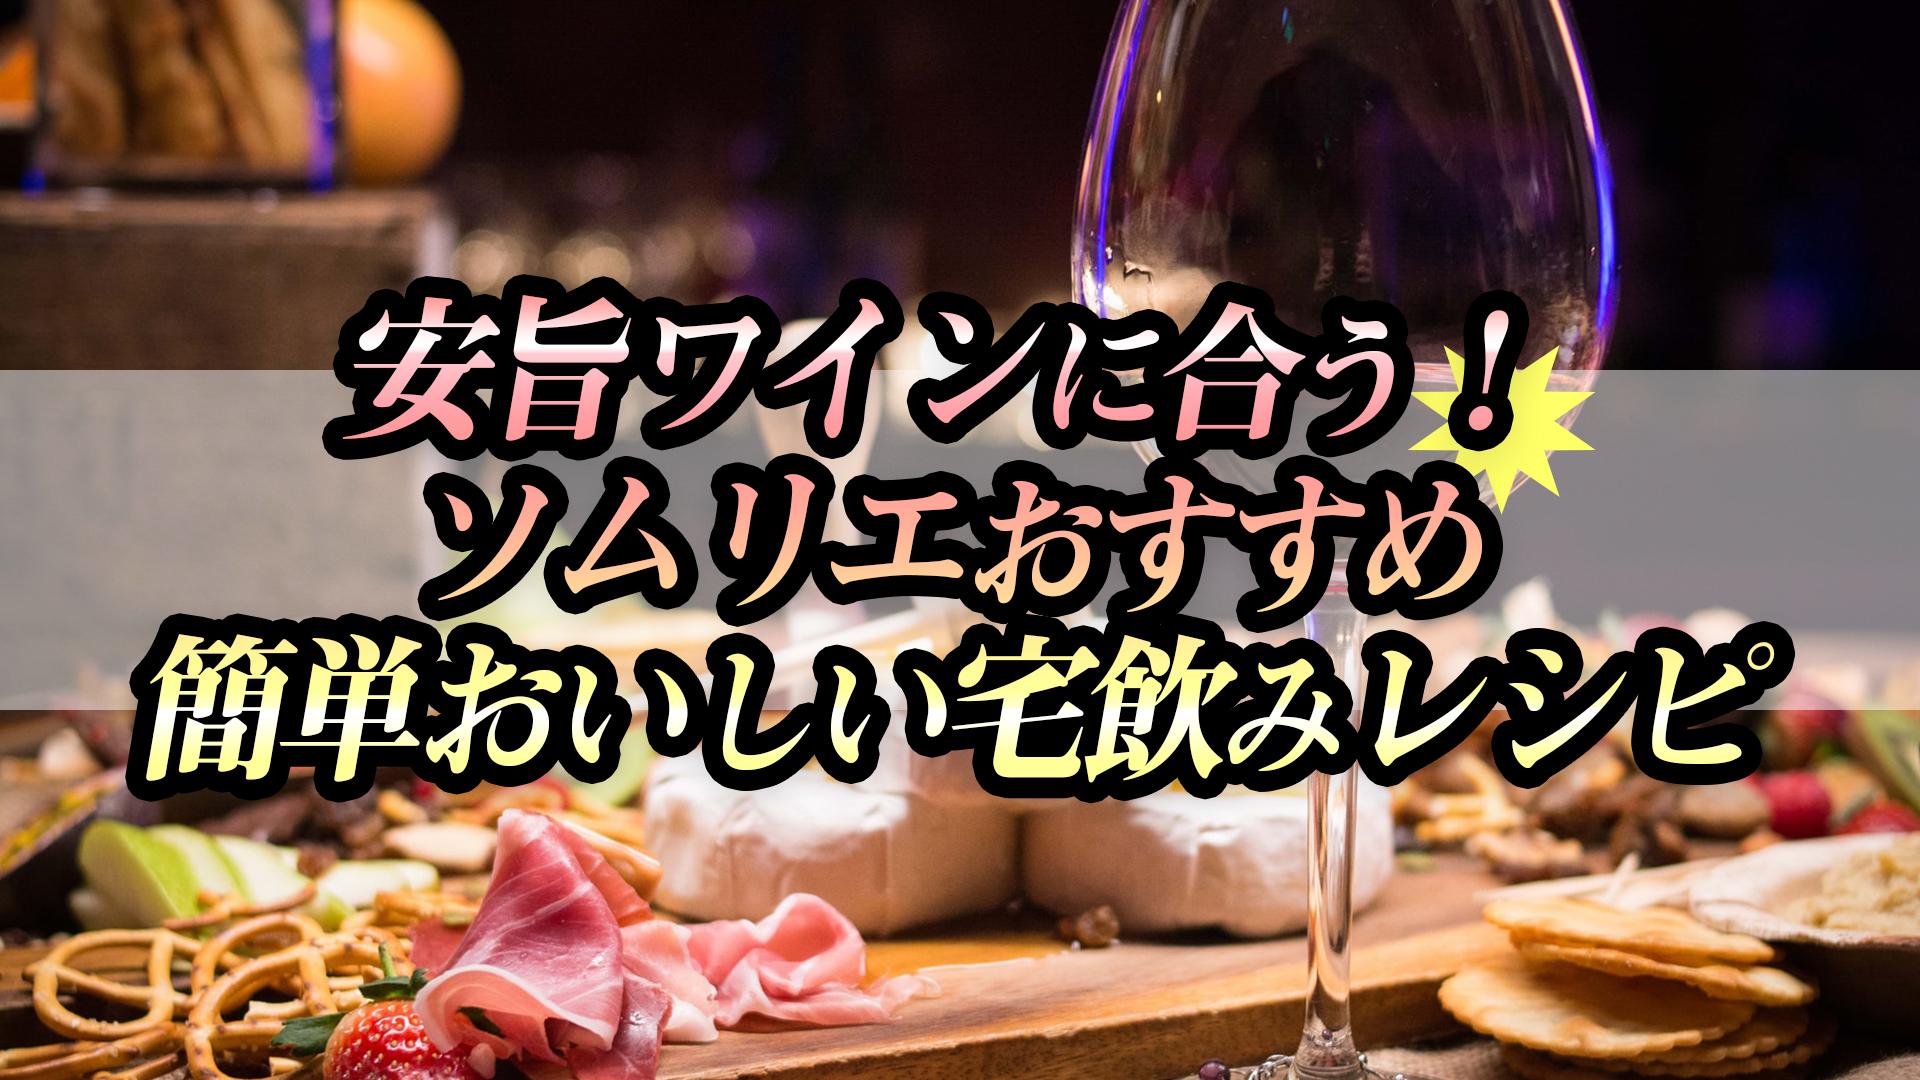 安旨ワインに合う!ソムリエおすすめ、簡単おいしい宅飲みレシピ